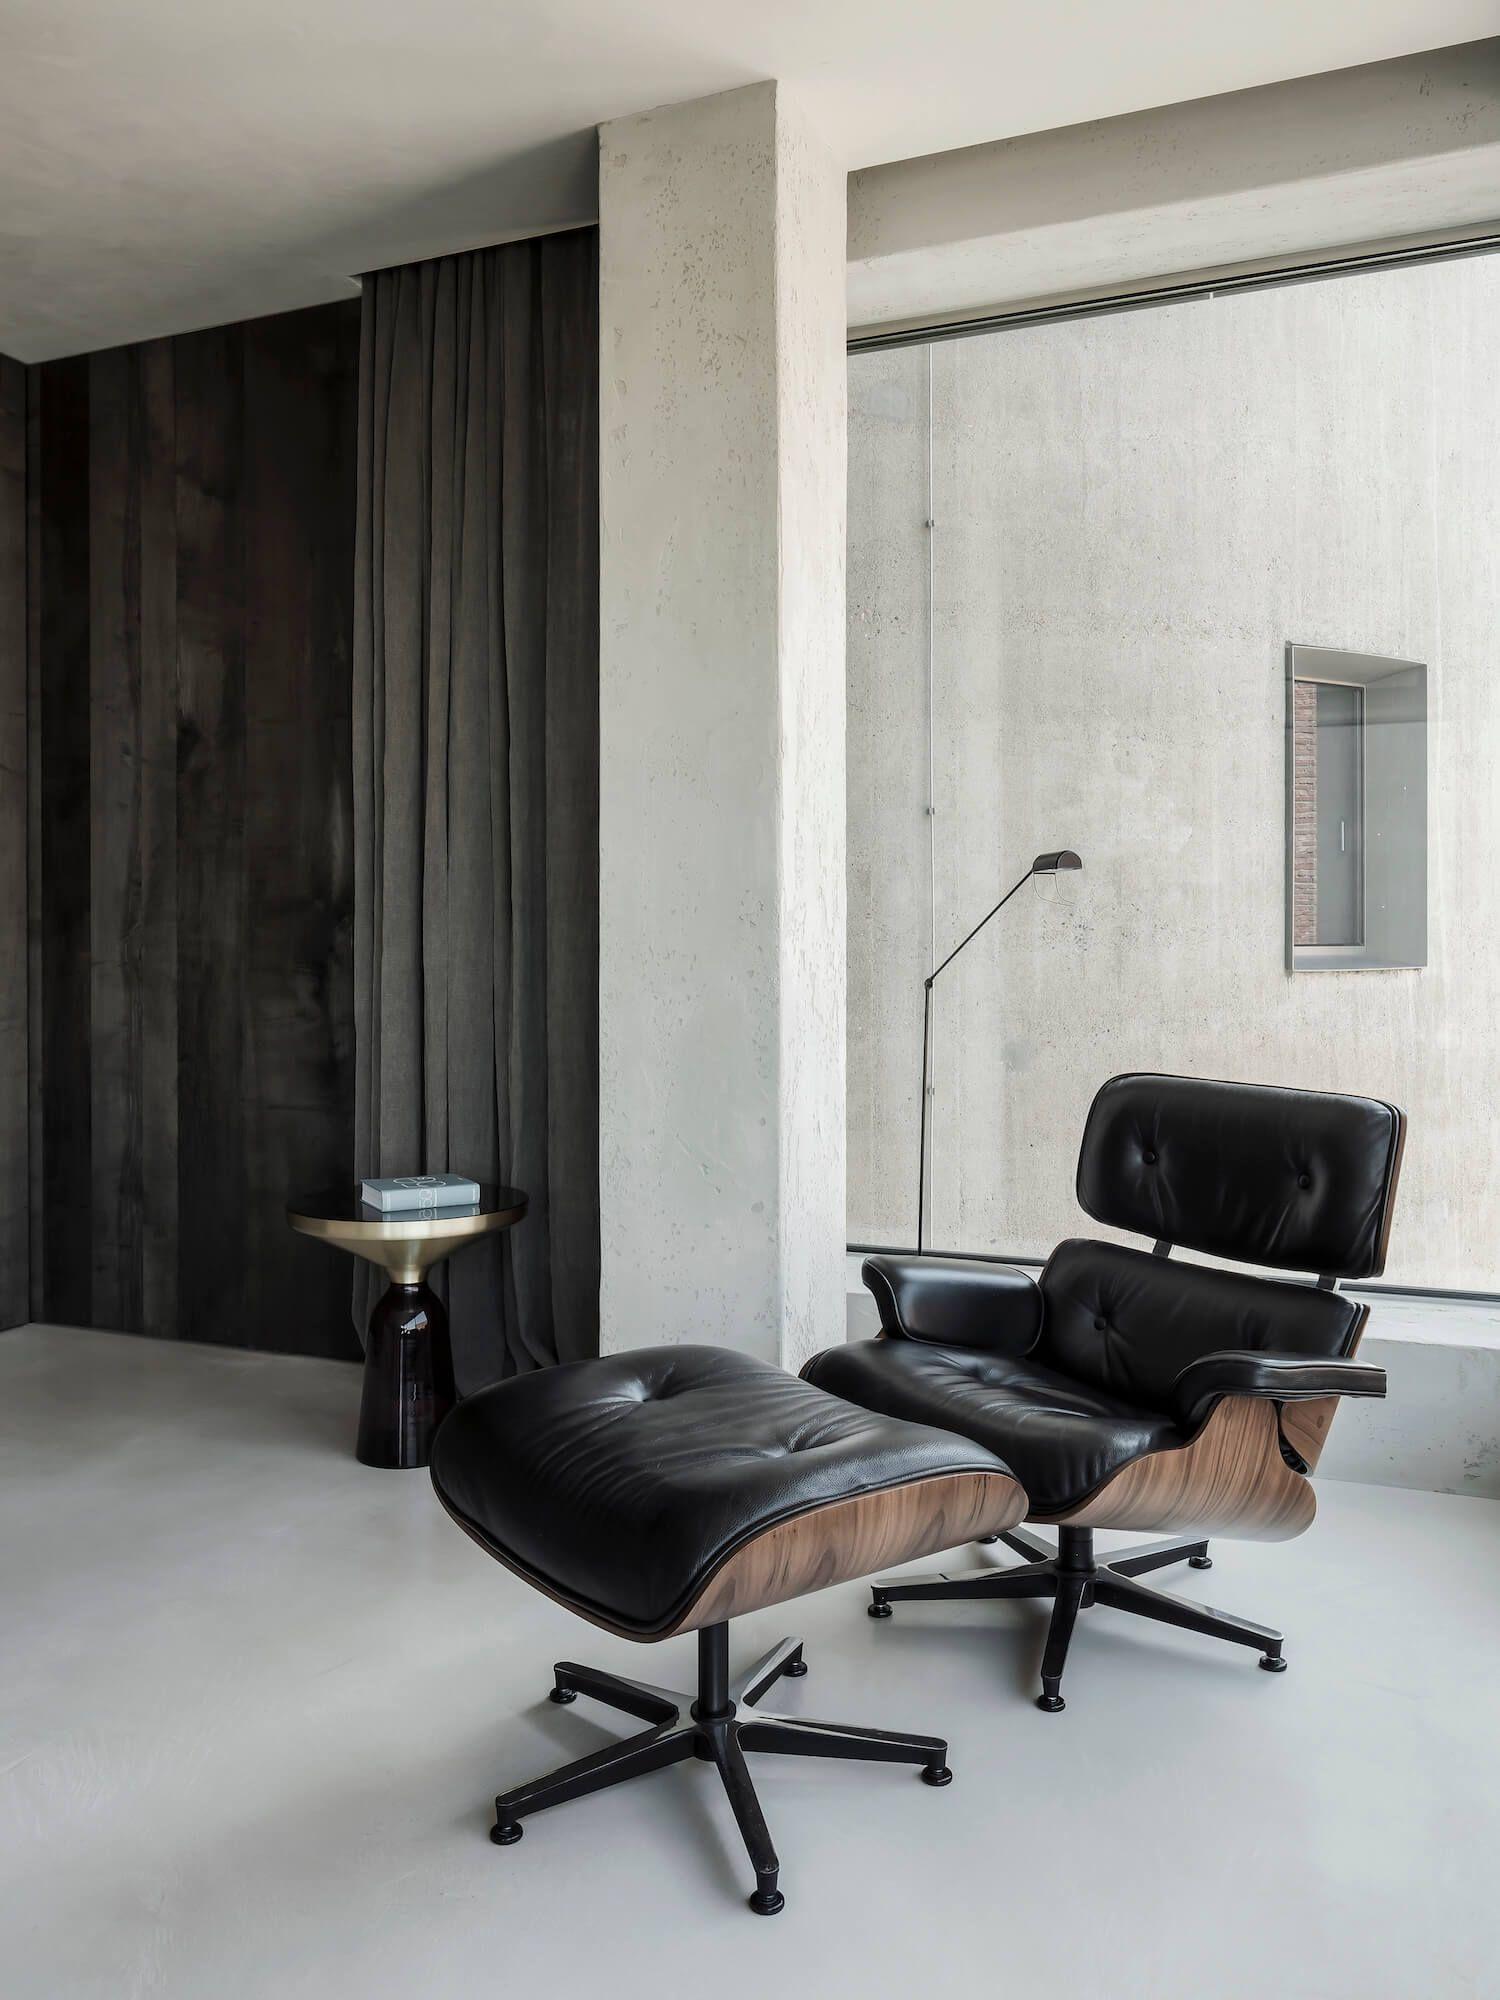 silo apartment m m in 2019 i n interior design studio 3d rh pinterest com